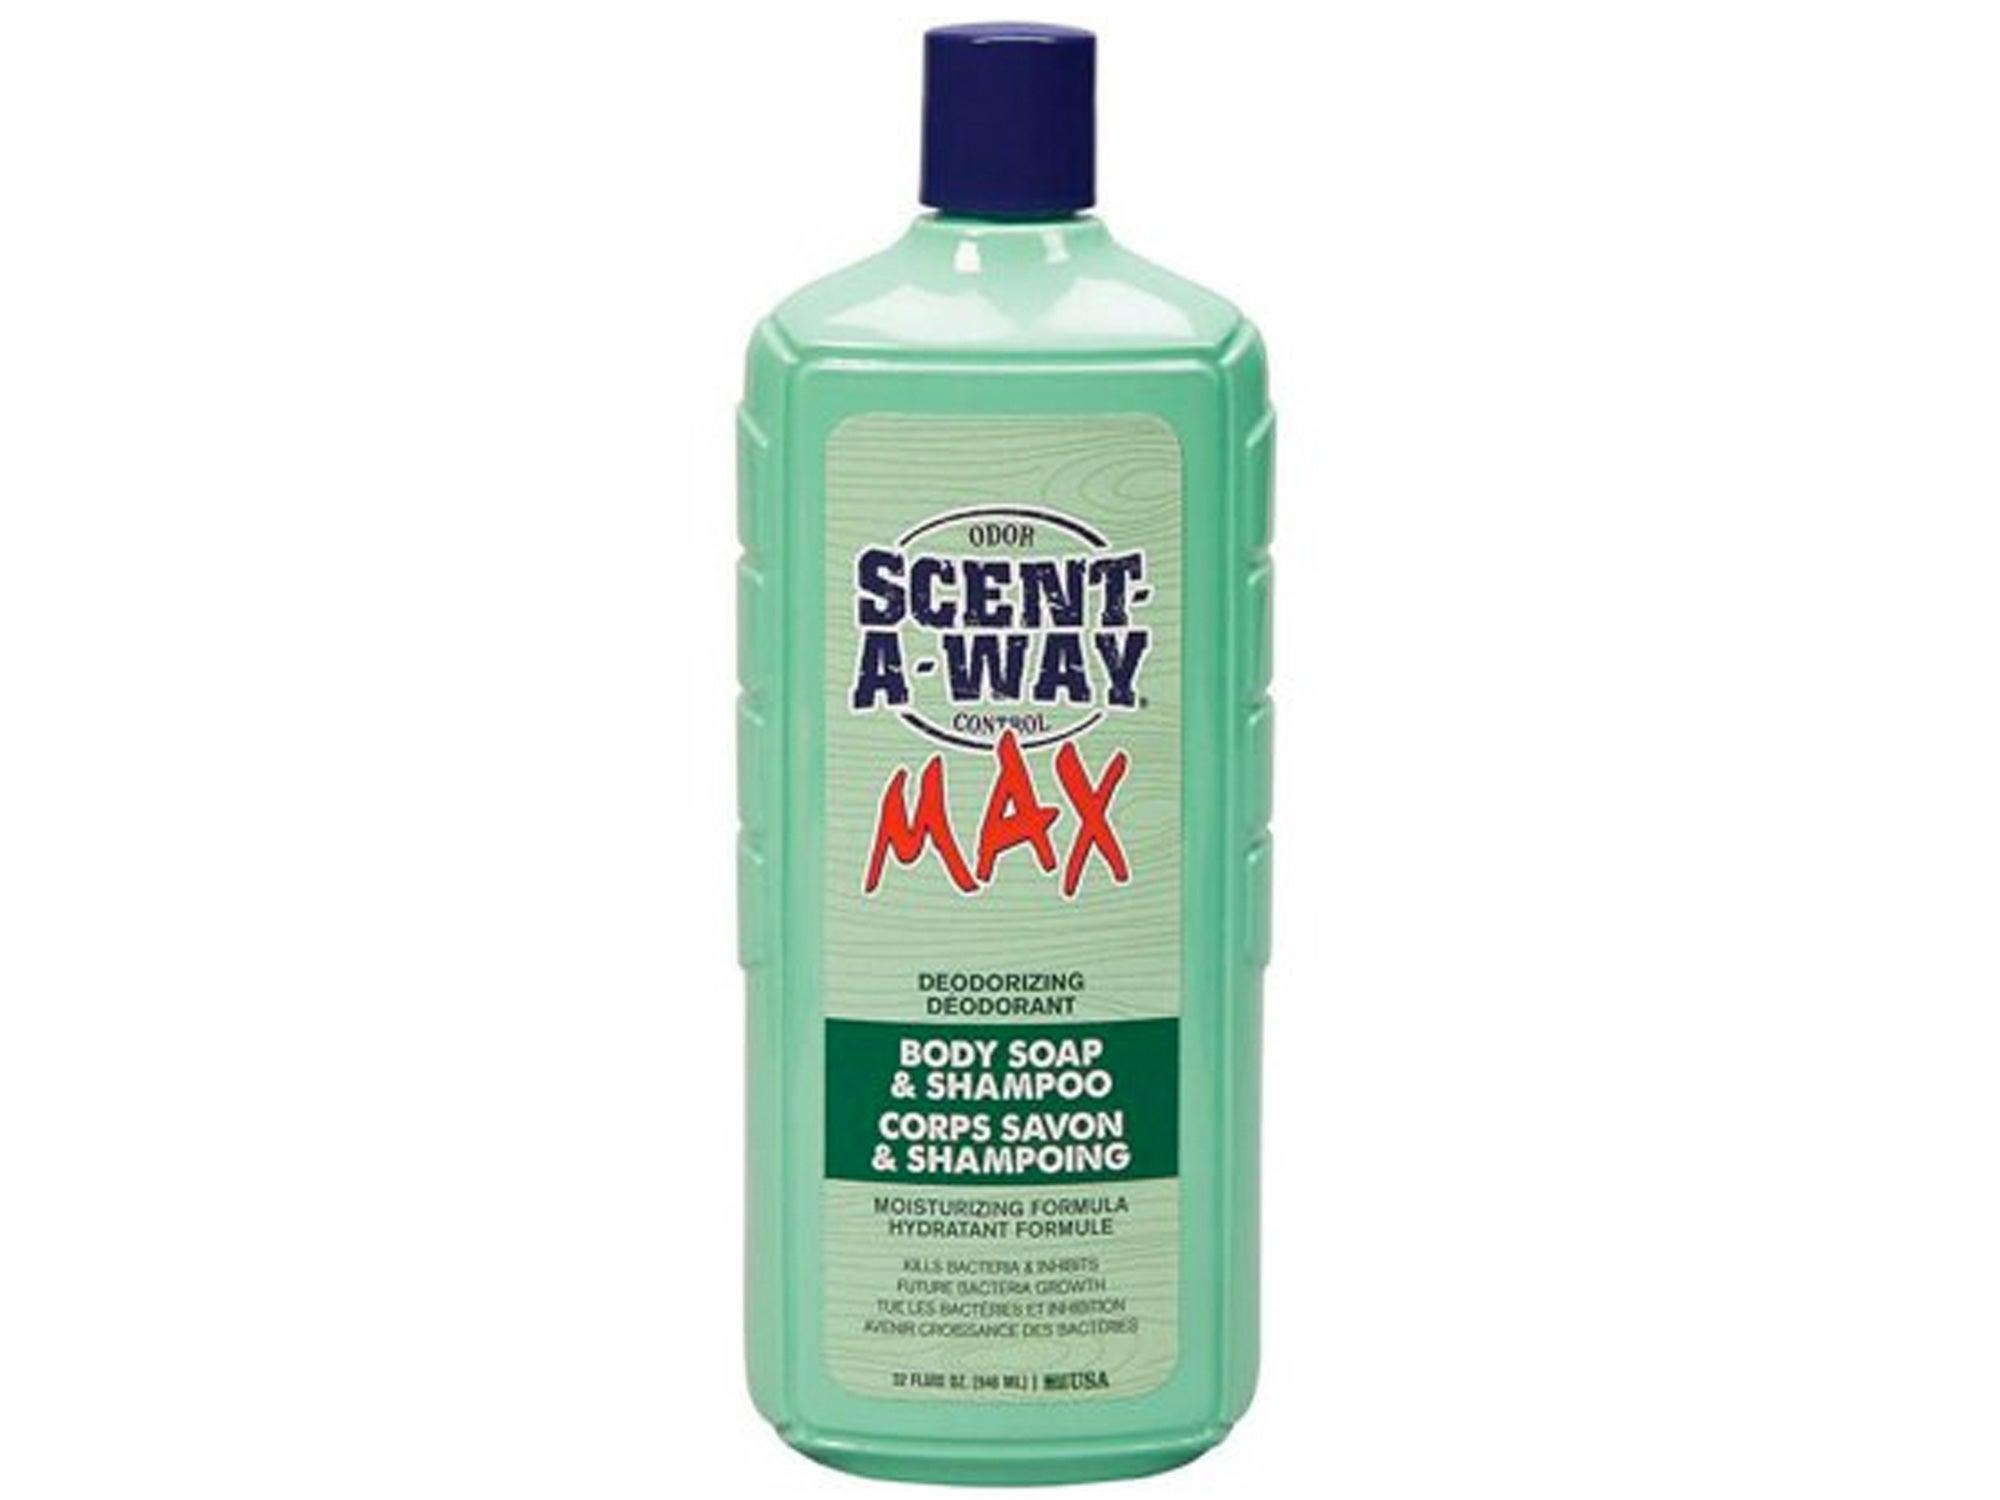 Scent-A-Way liquid shampoo